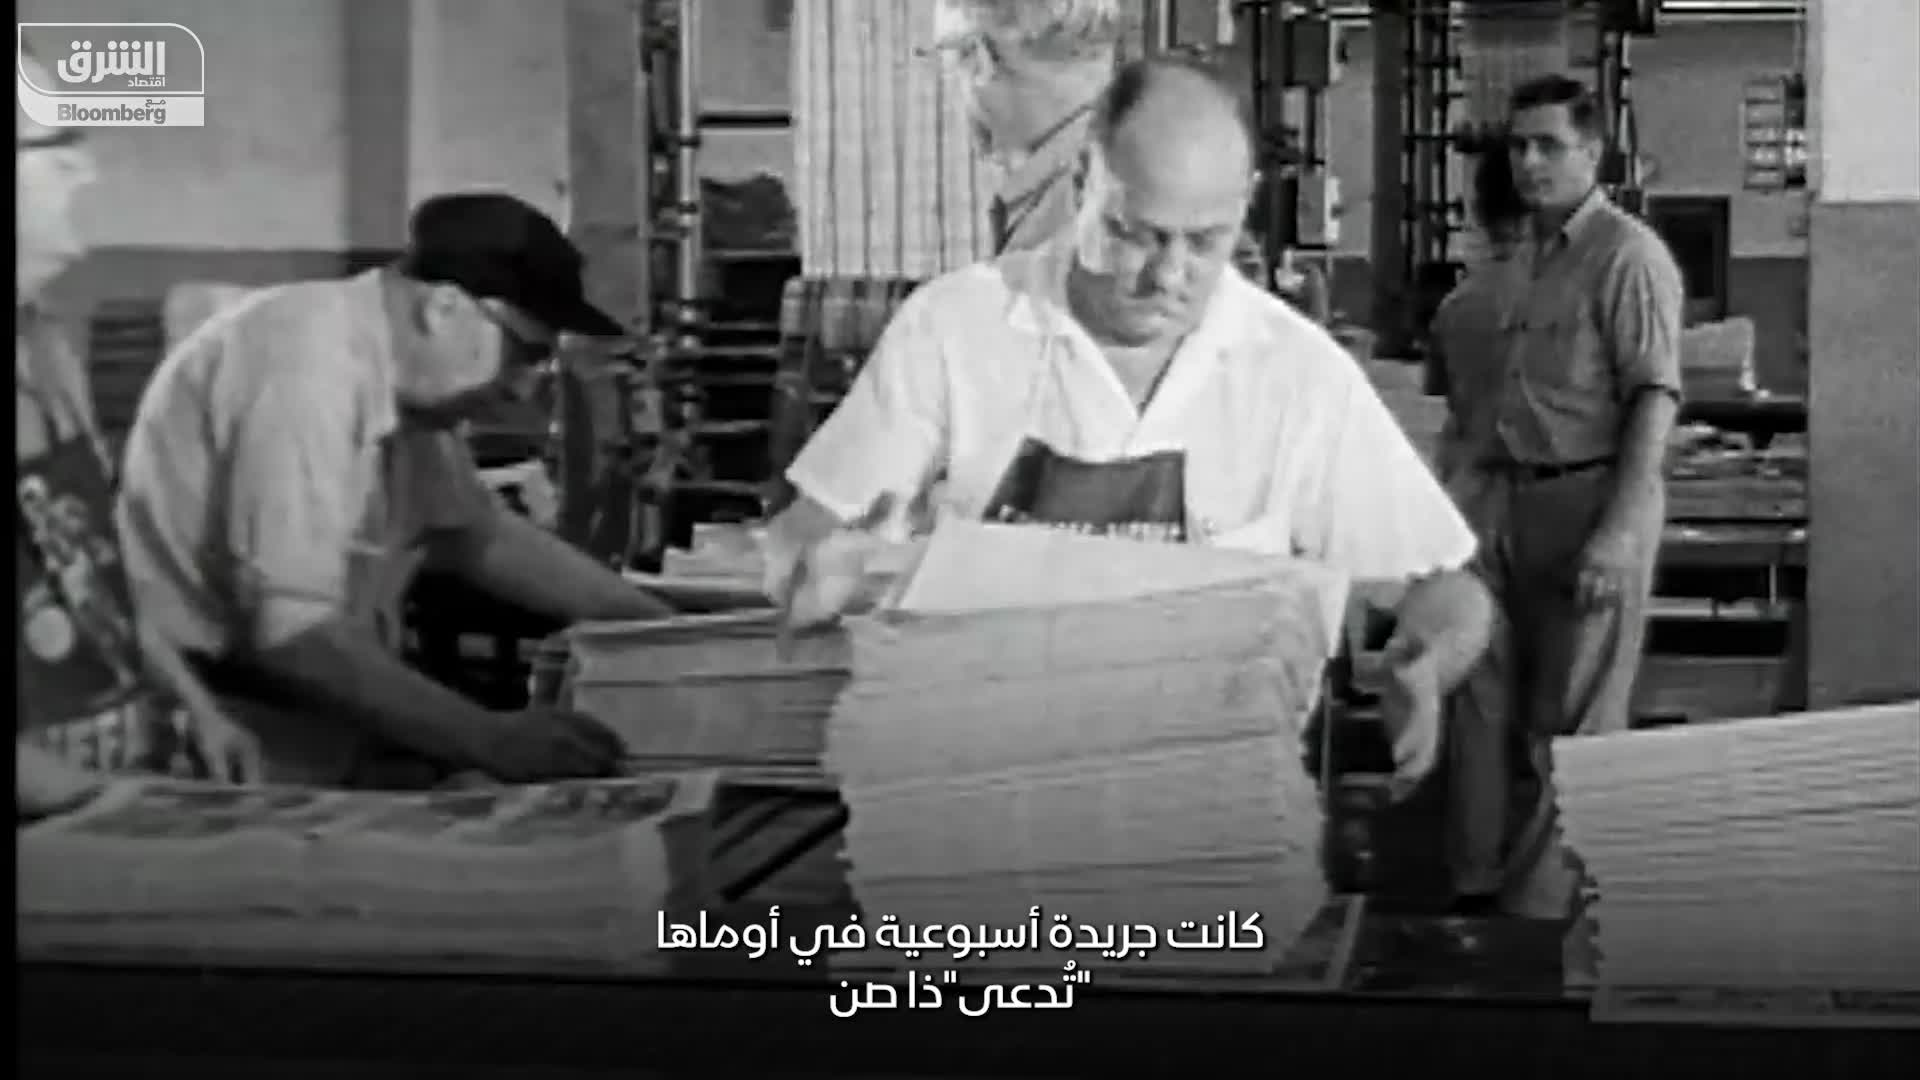 قصة حياة وارين بافيت - ح4